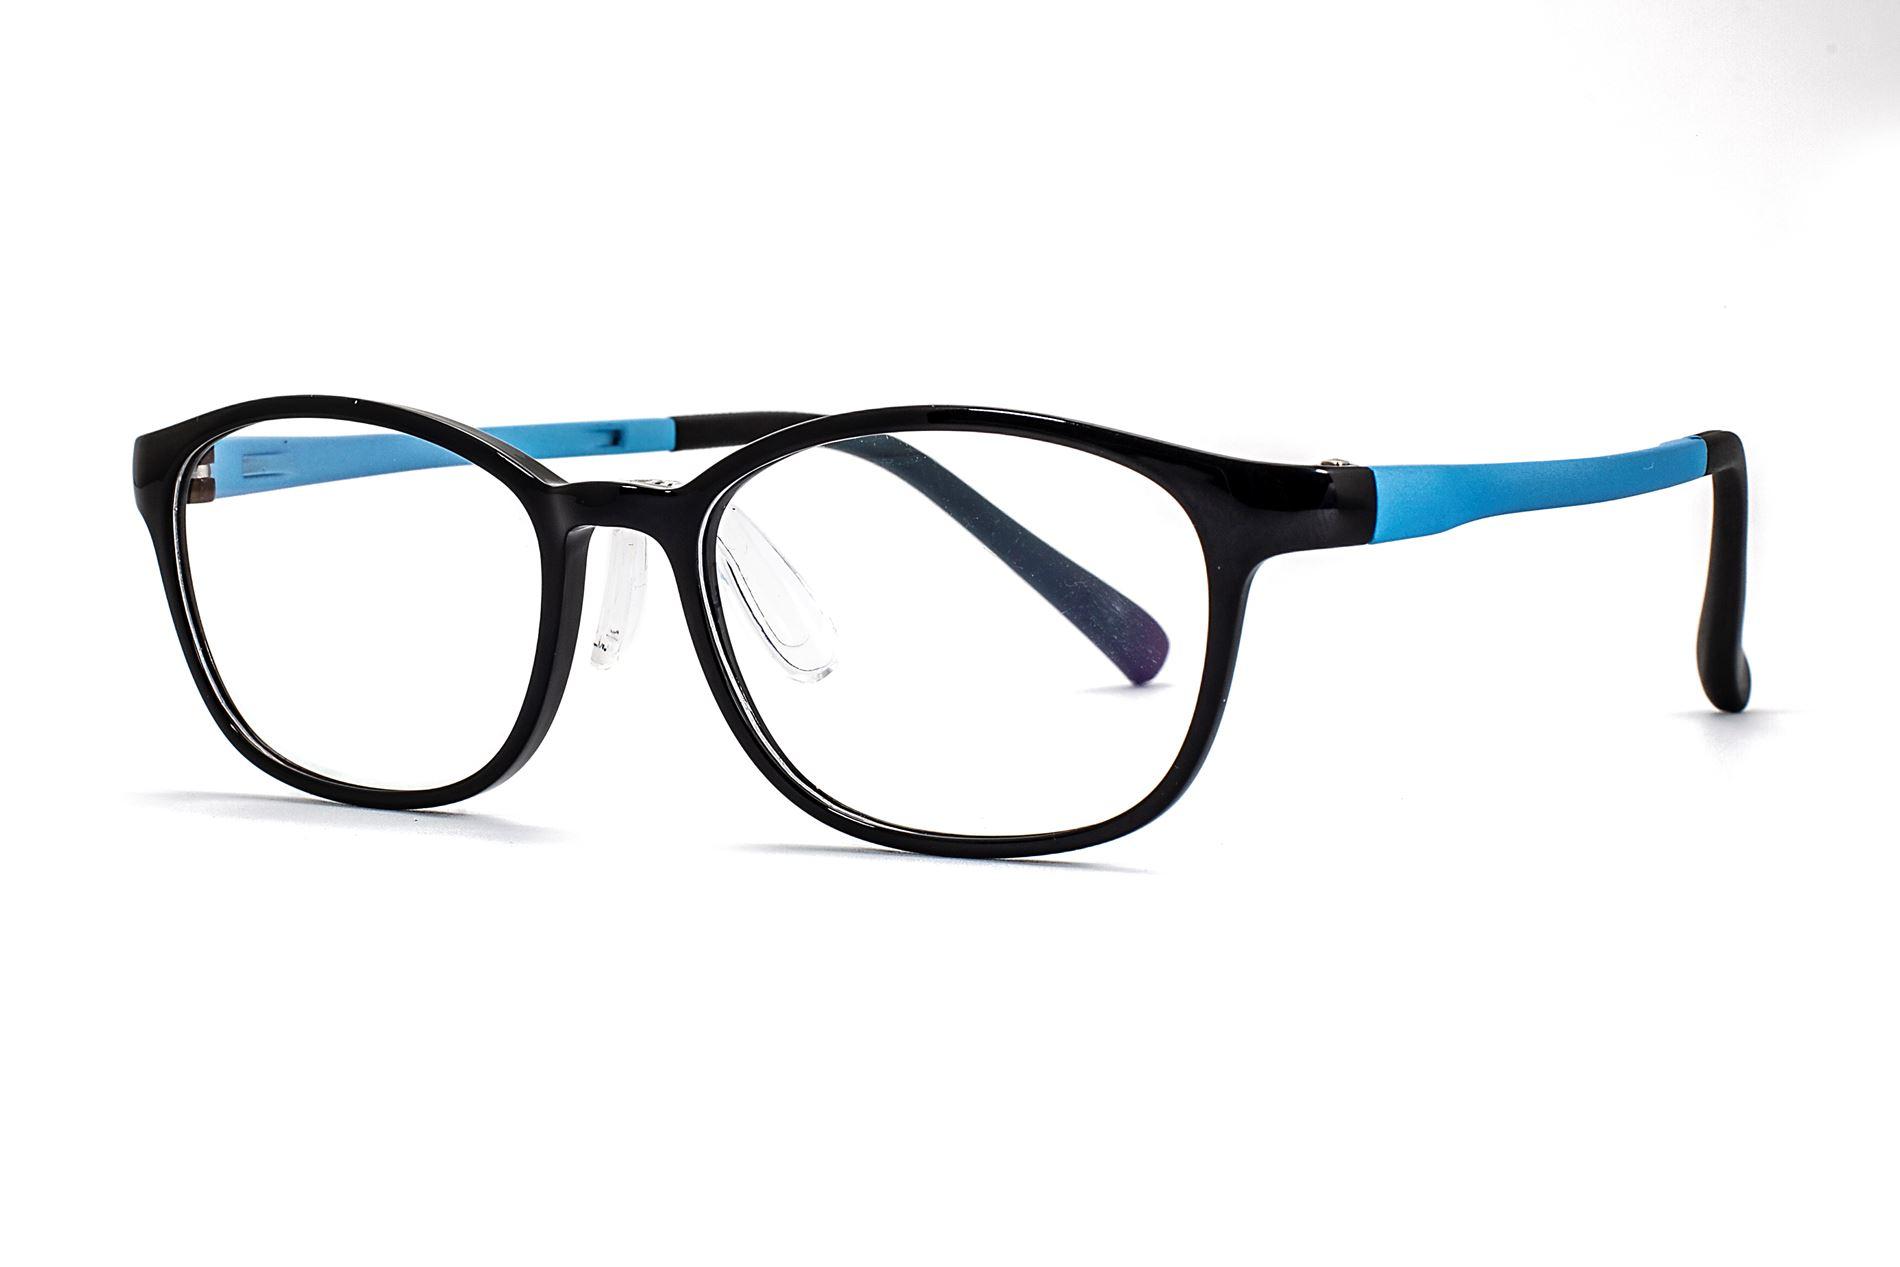 兒童抗藍光眼鏡含無度數鏡片 9816-C21